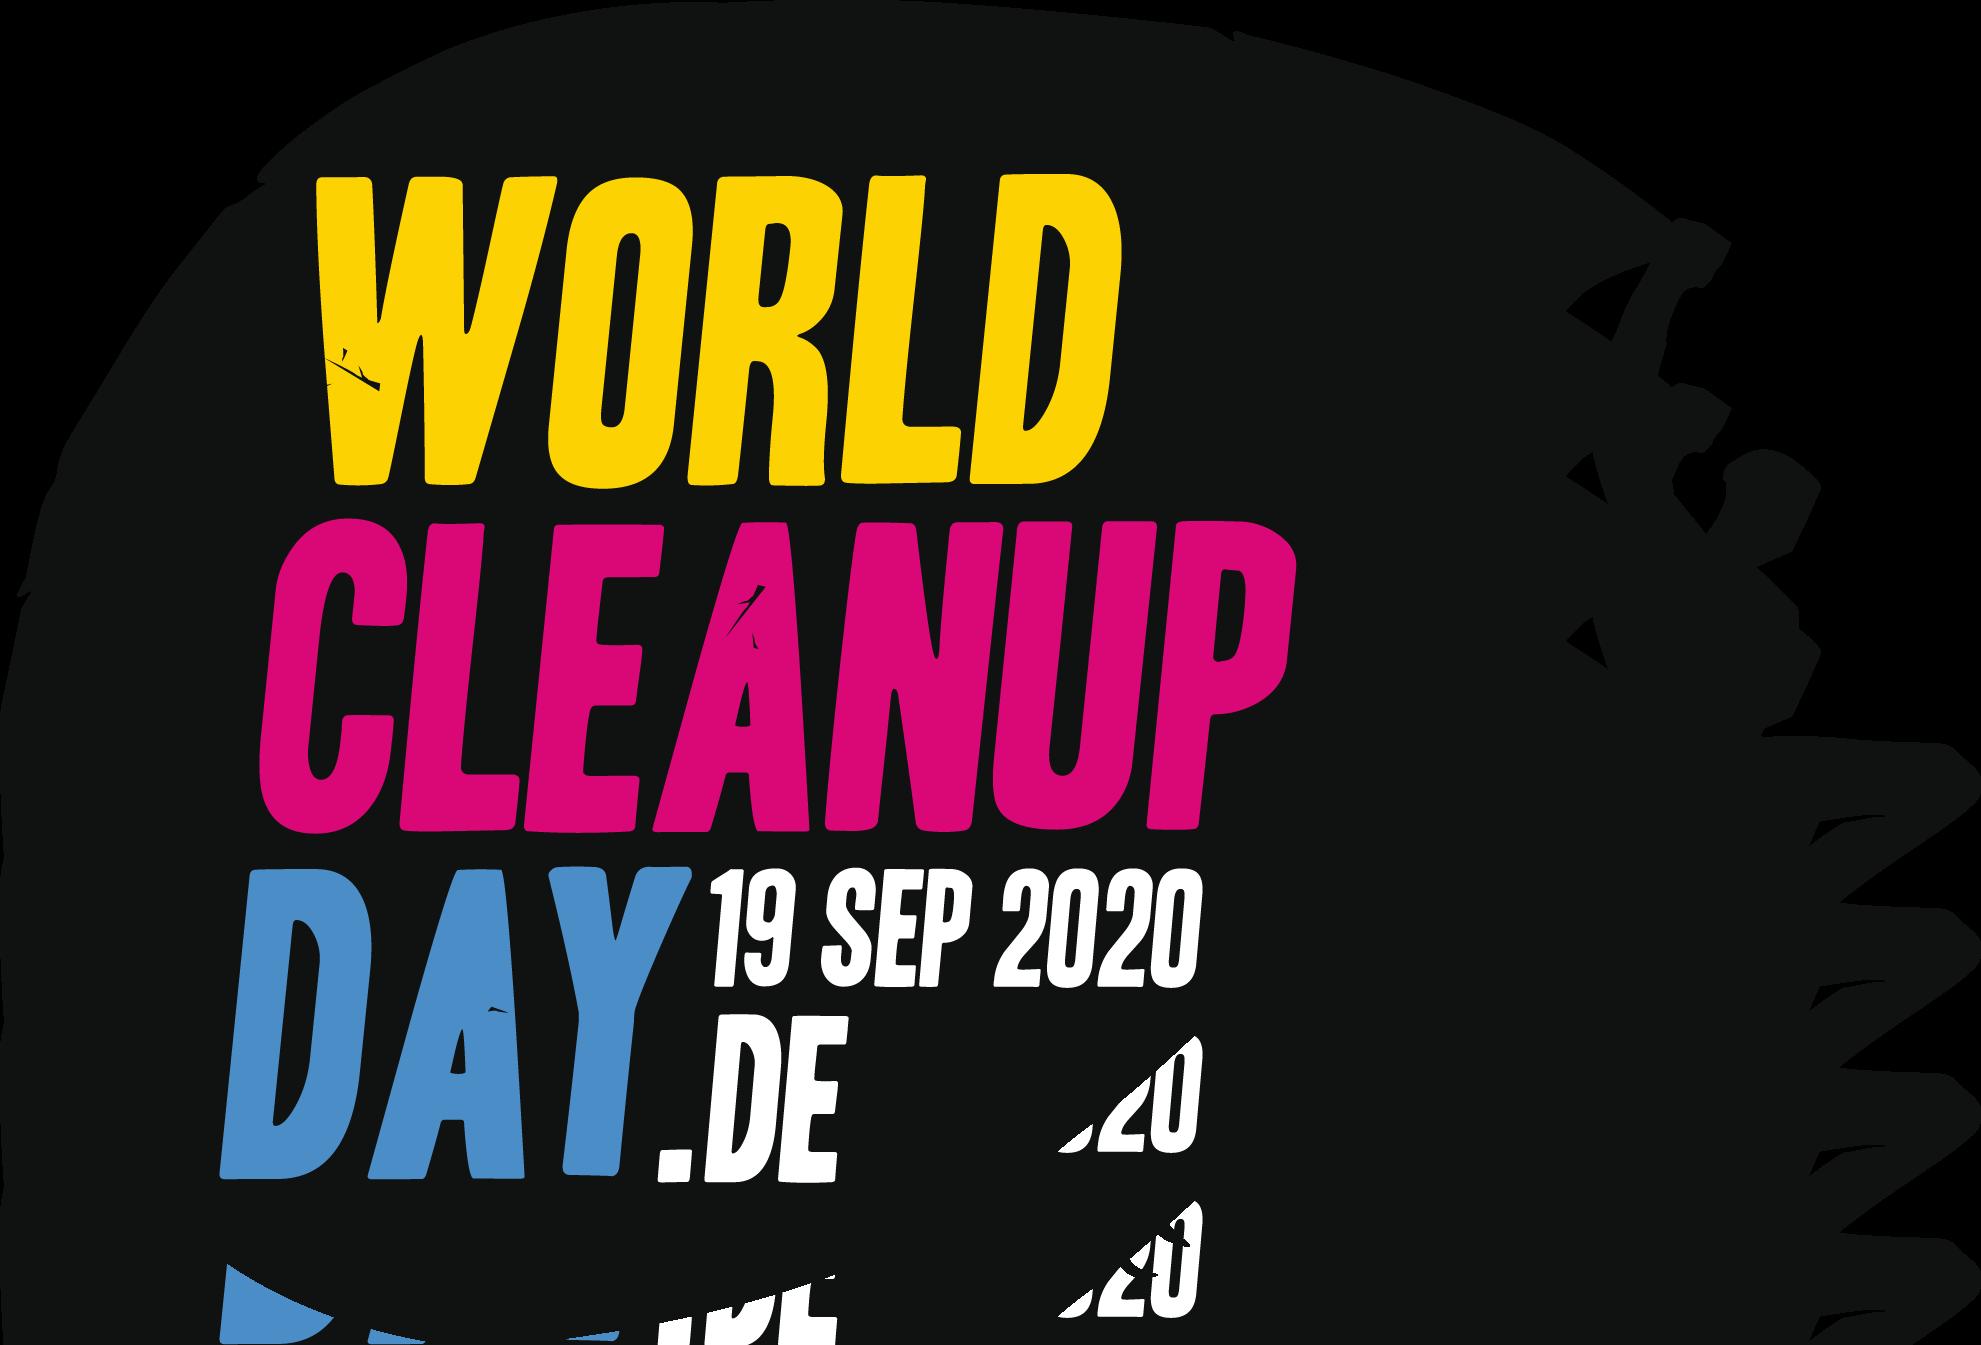 Erfolgreicher Cleanup Day